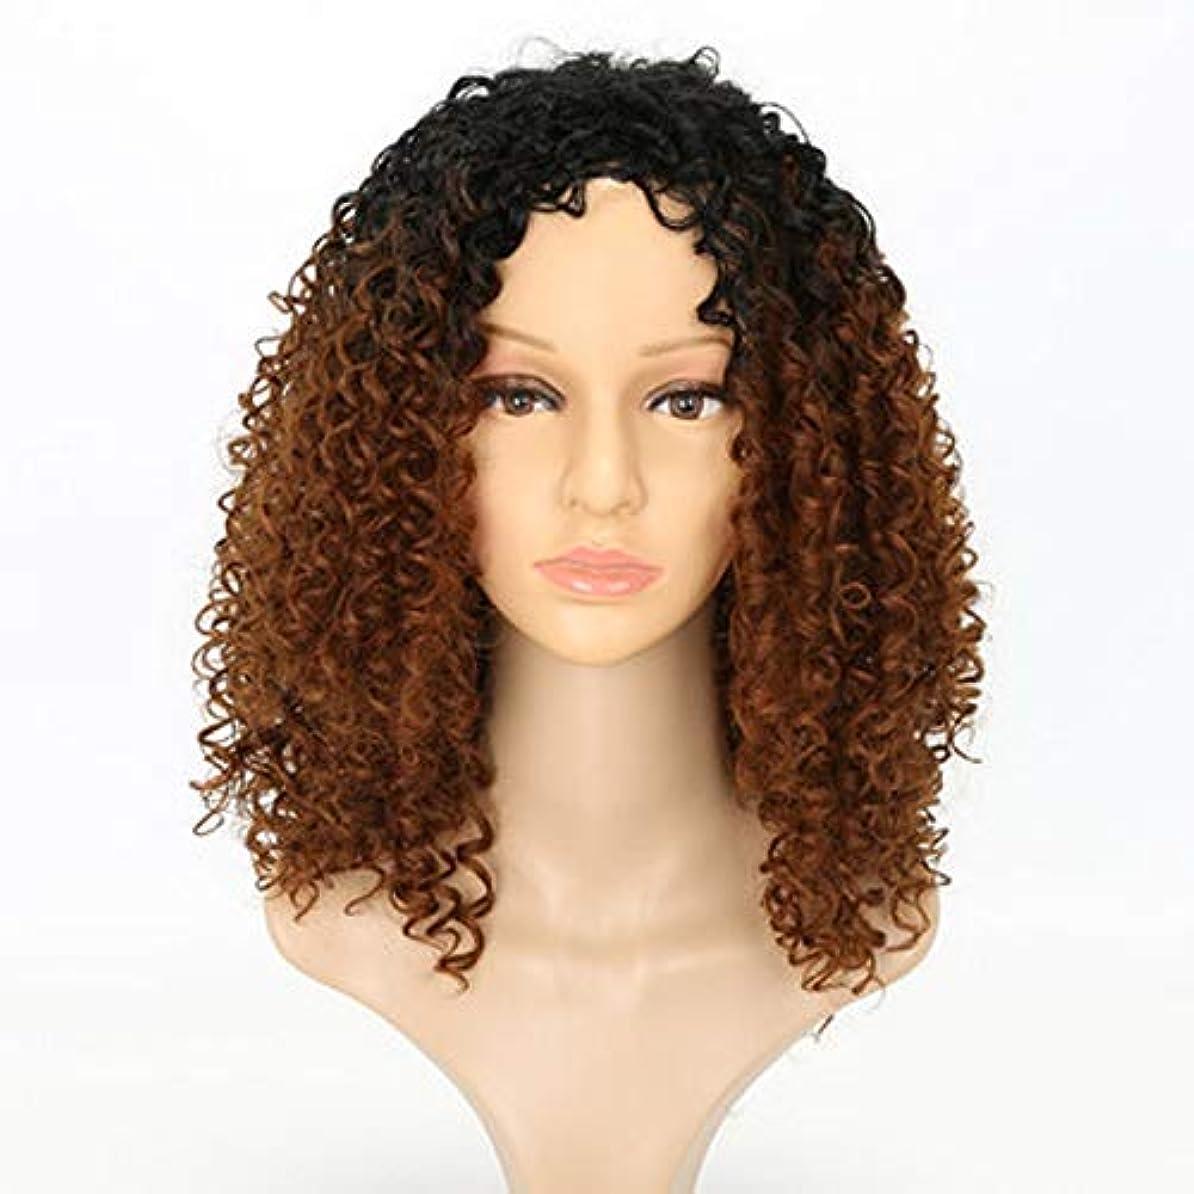 出くわす調子クスクス女性のための色のかつら長いウェーブのかかった髪、高密度温度合成かつら女性のグルーレスウェーブのかかったコスプレヘアウィッグ、女性のための耐熱繊維の髪のかつら、茶色のウィッグ18インチ